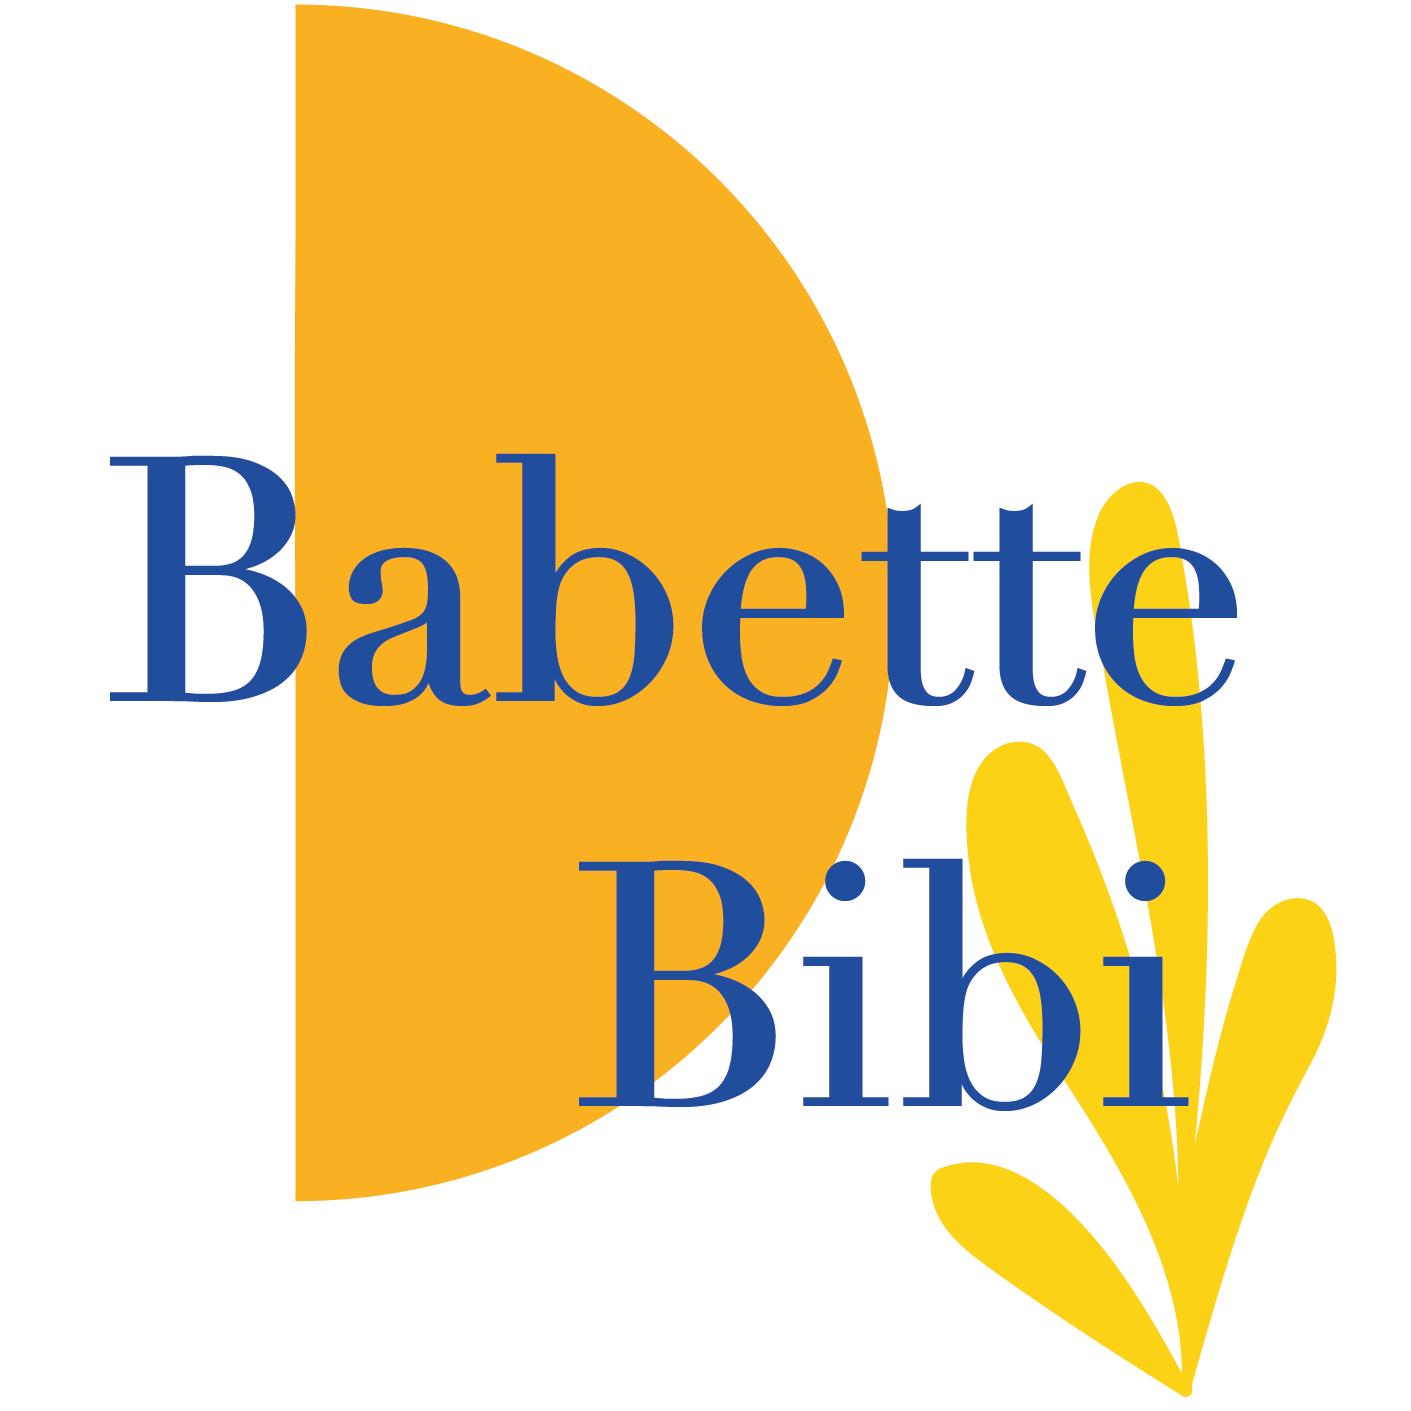 Babette Smits Van Waesberghe